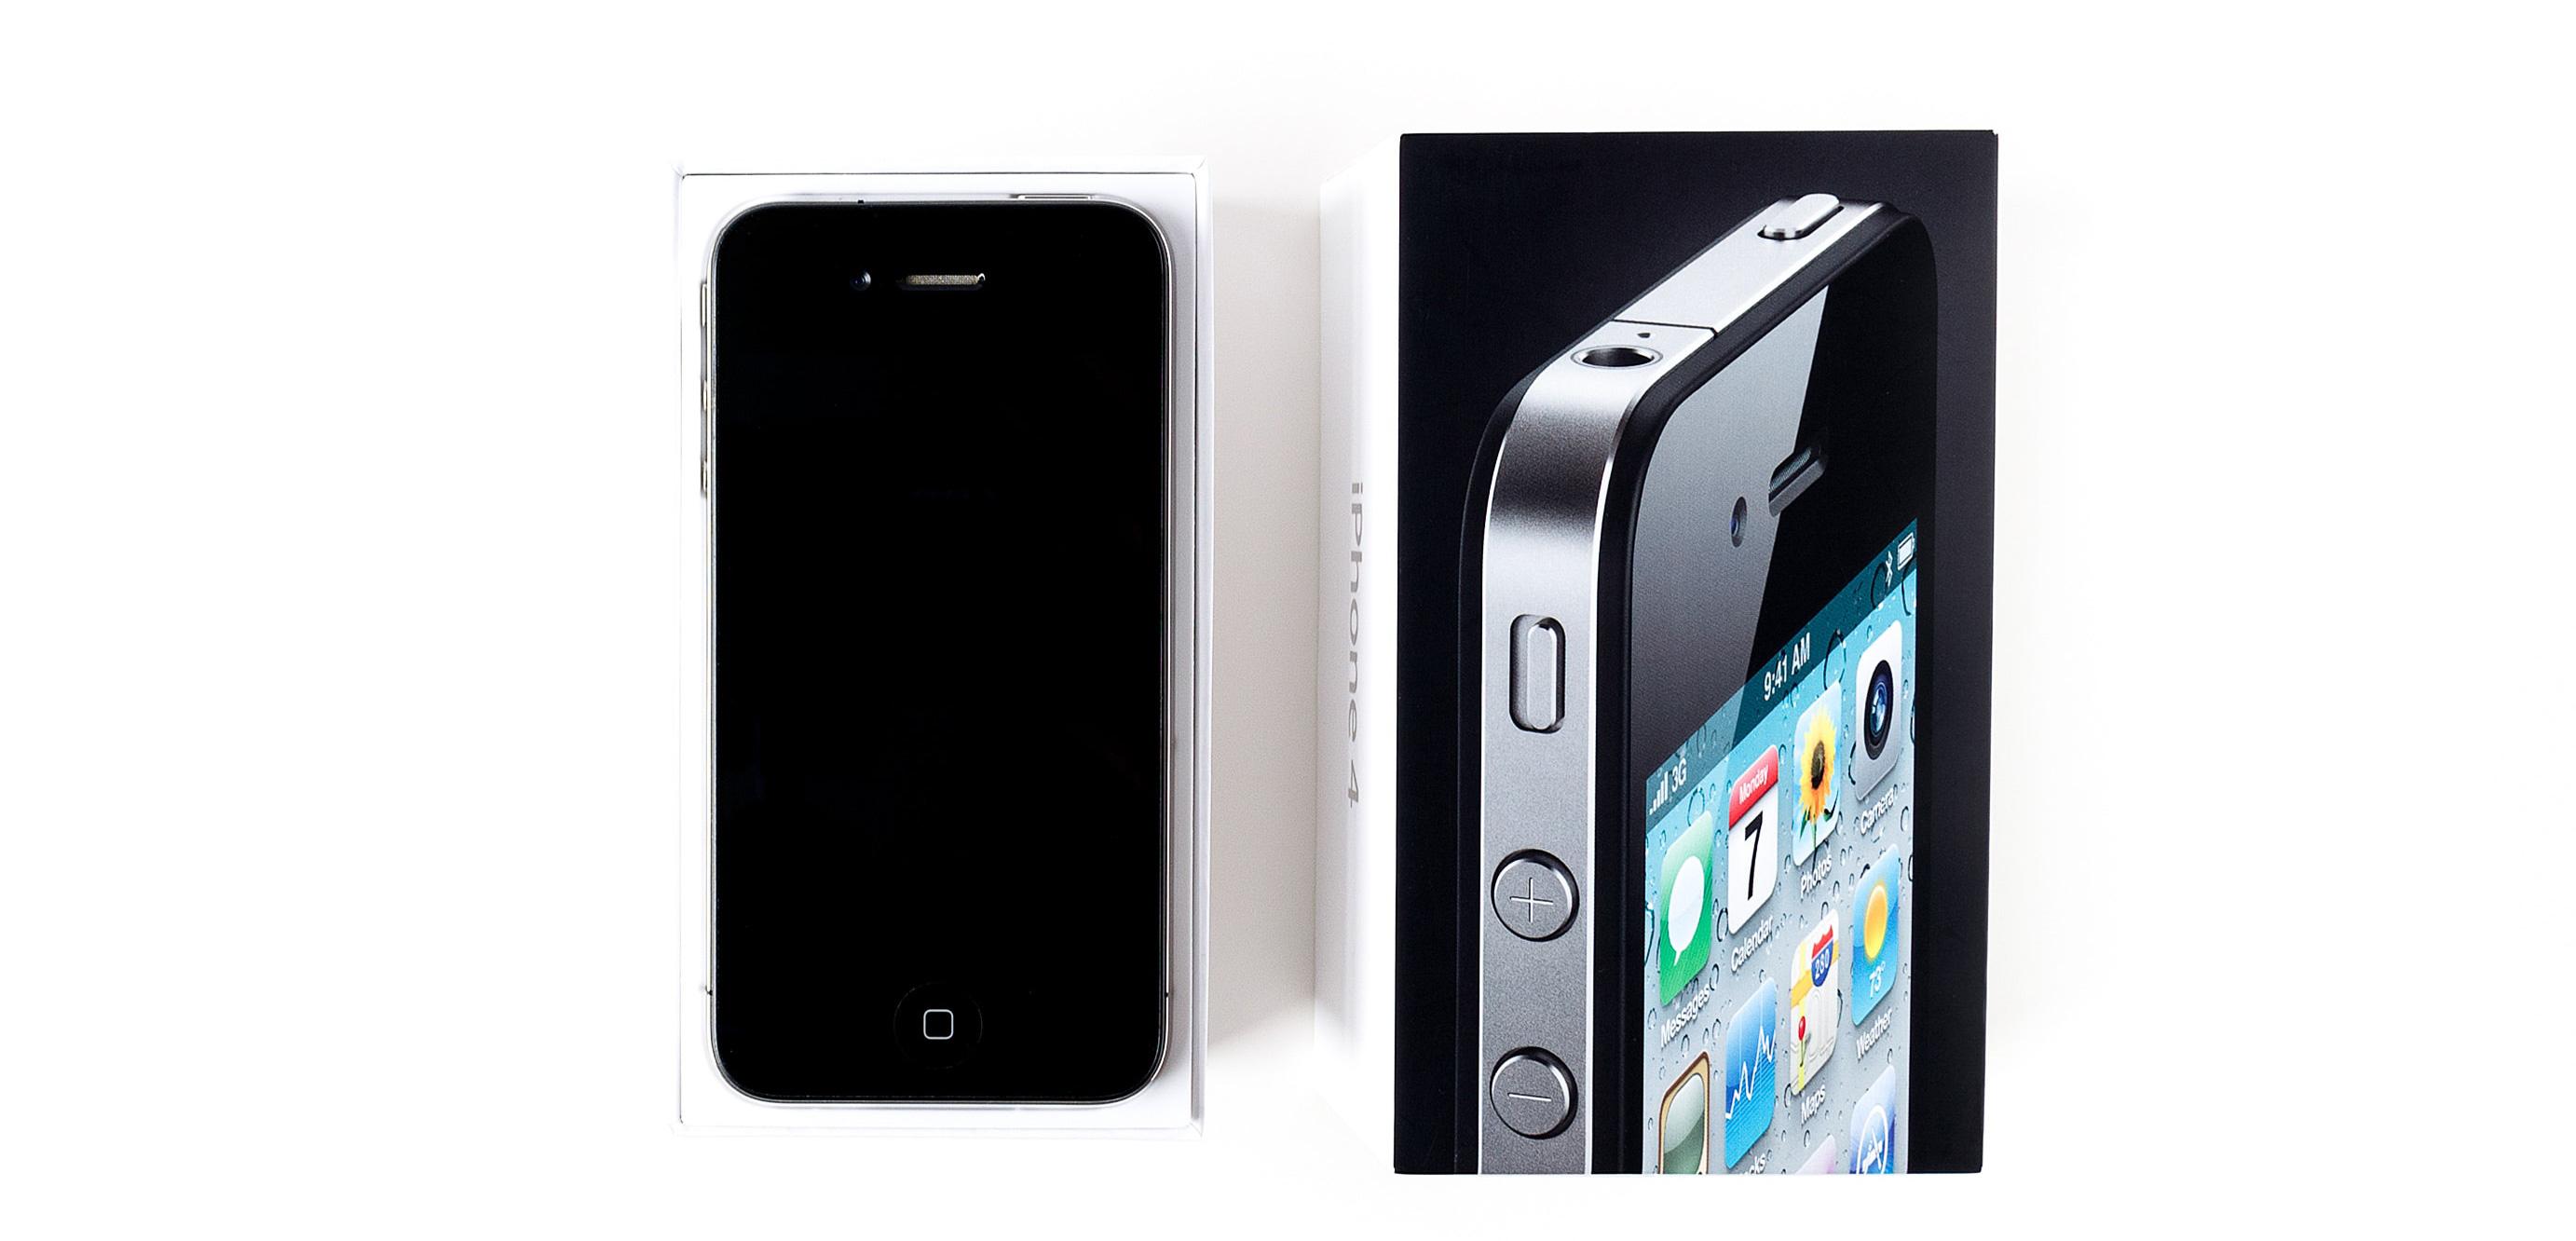 八年前的今天,iPhone 4S 正式发布